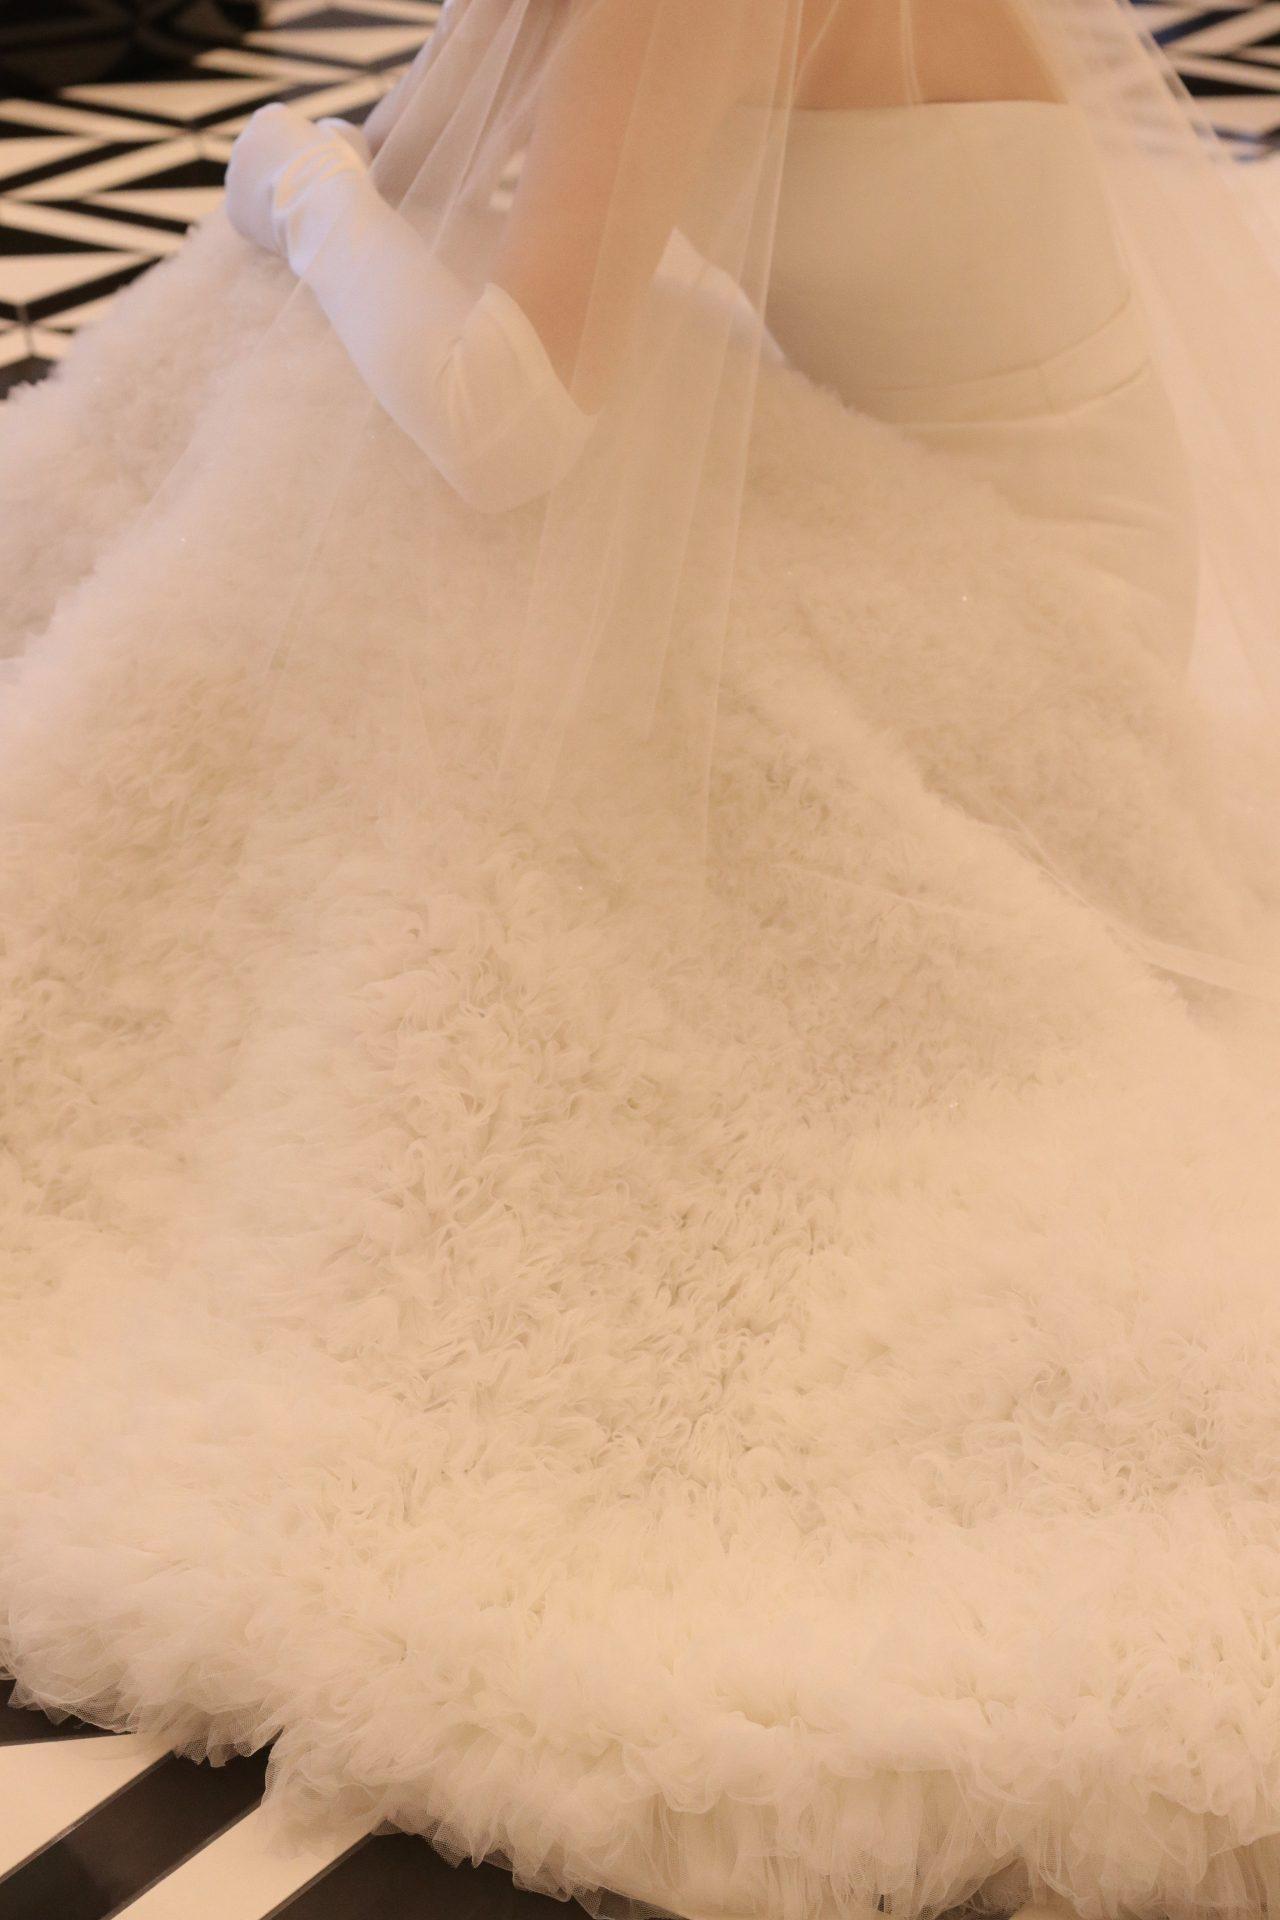 繊細なビジューが施されたラッフルチュールを贅沢に使用したスカートが優美でゴージャスな印象のウェディングドレスは、2021年春の結婚式のご新婦様より沢山のお問合せをいただいているヴィクター&ロルフマリアージュの特別な1着です